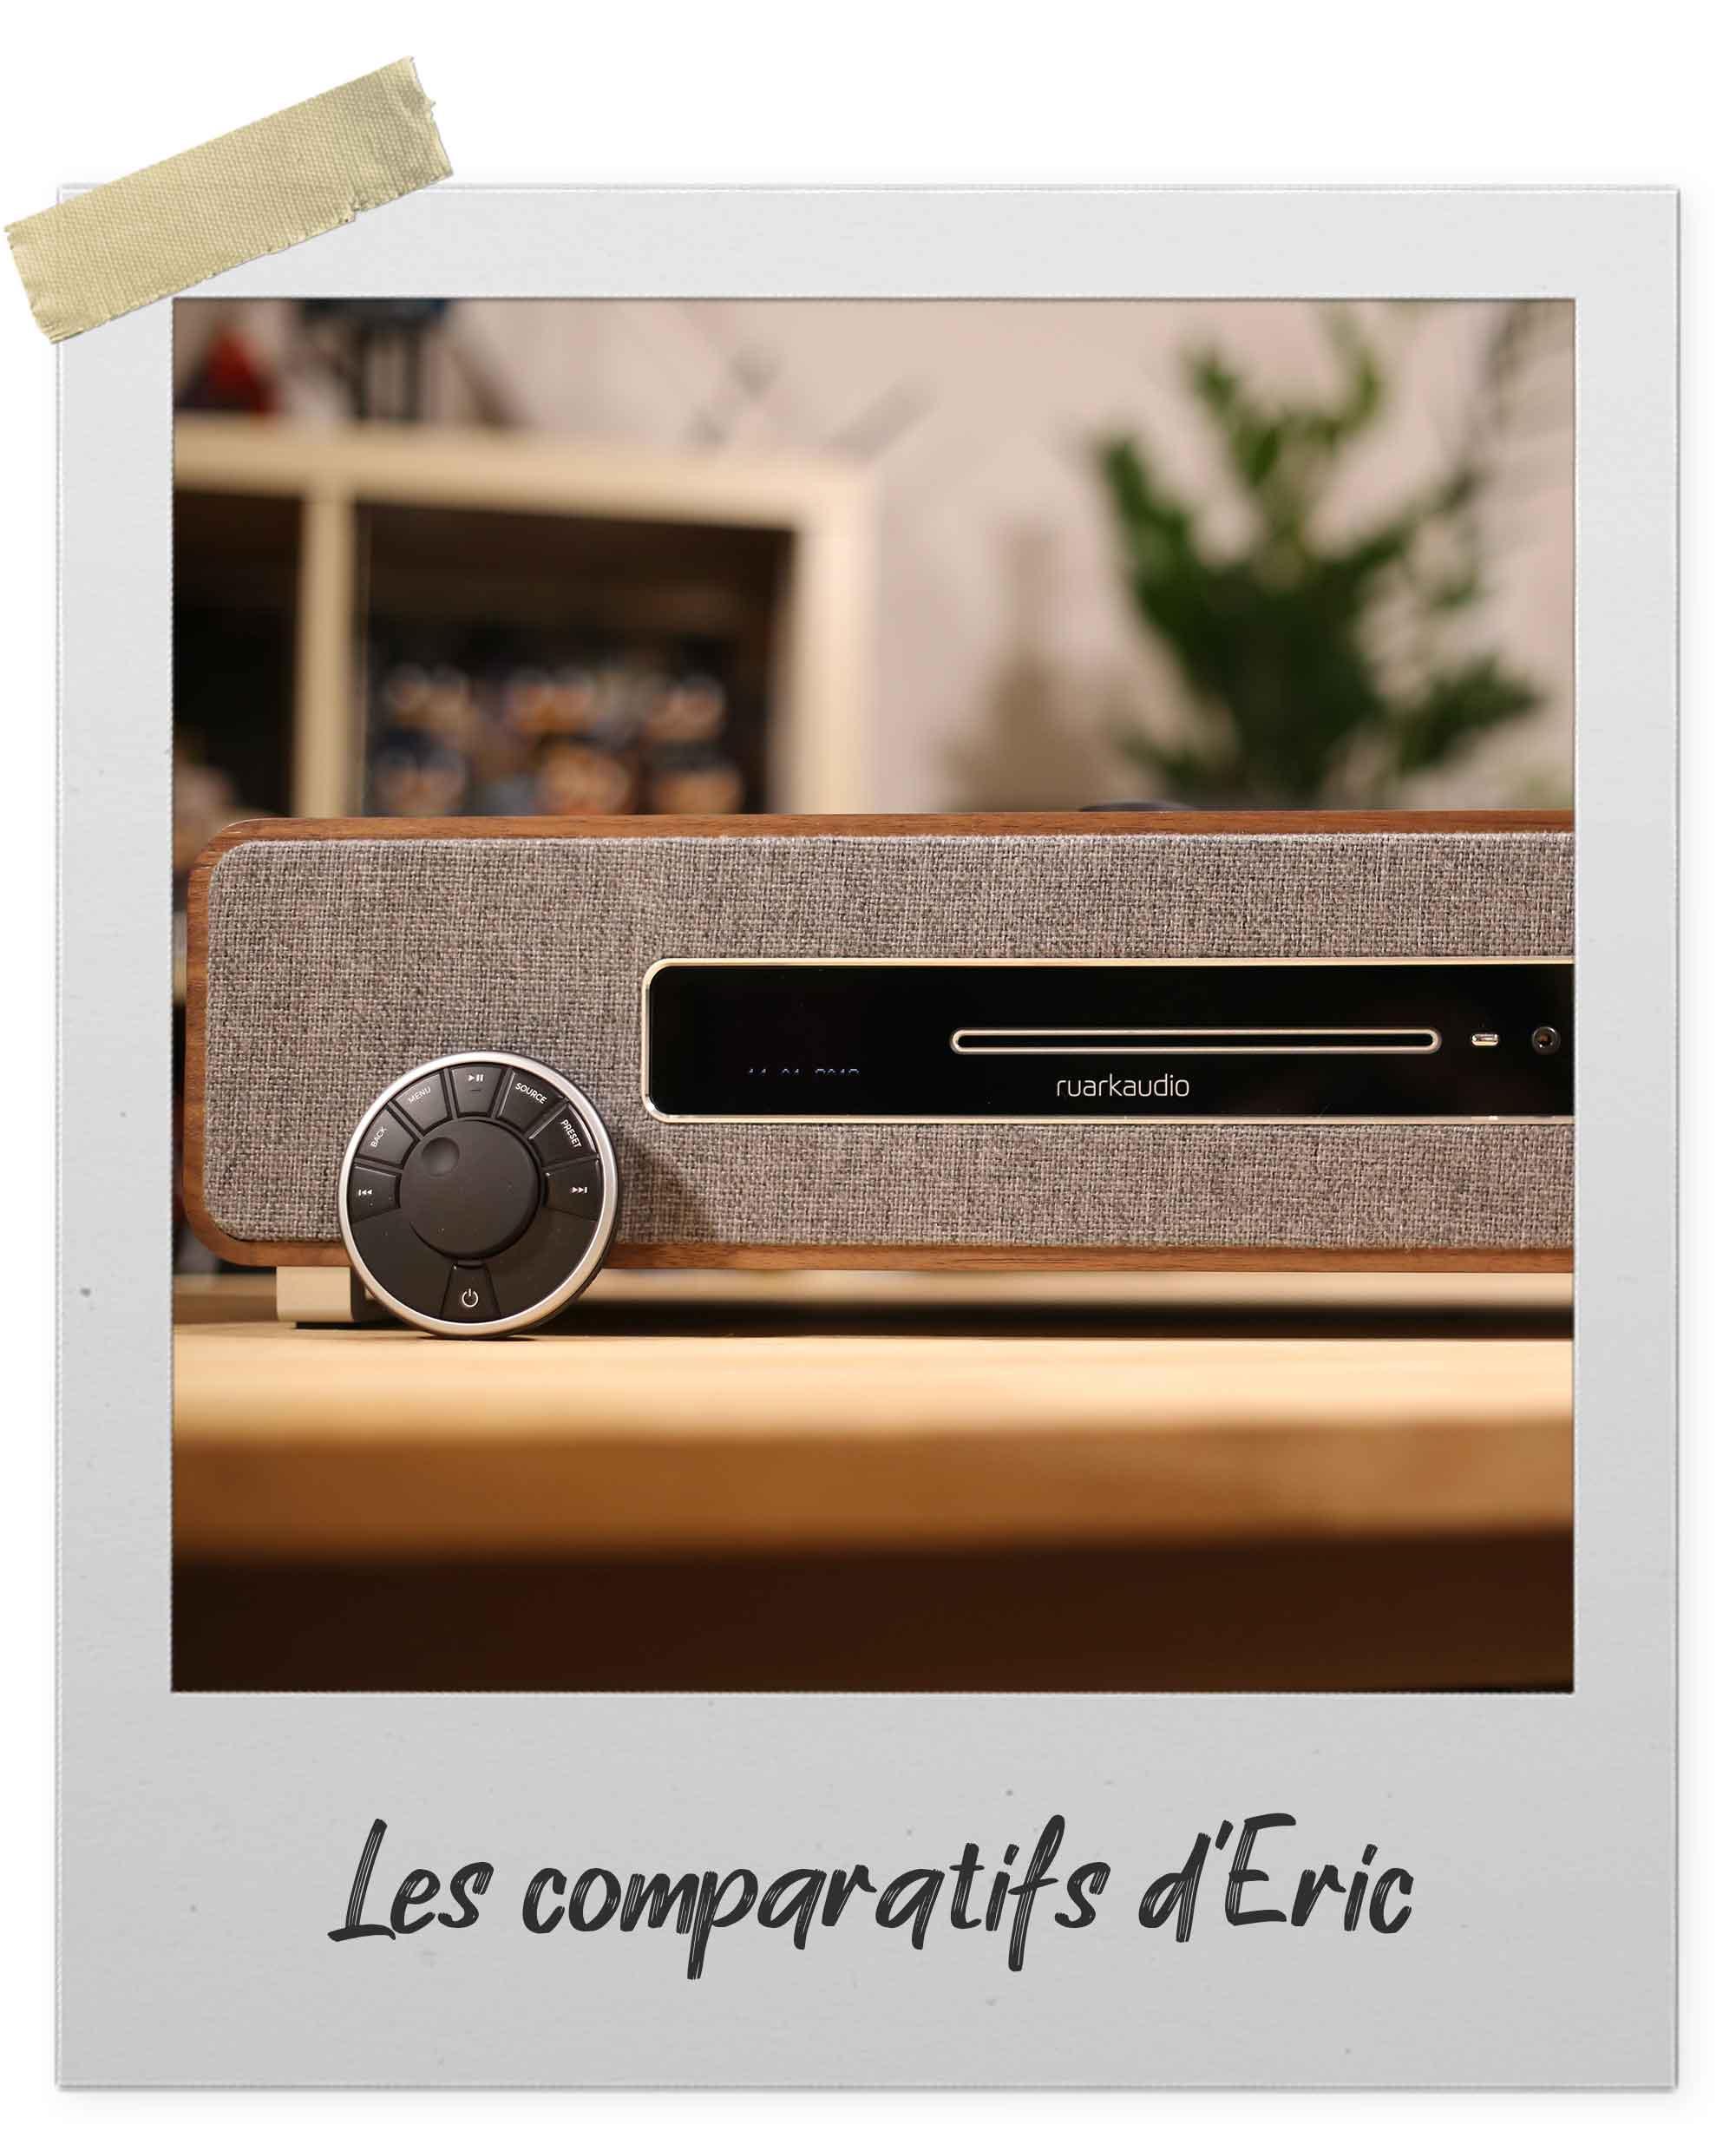 Chaînes HiFi monobloc compactes Ruark Audio avec télécommande de contrôle et lecteur CD intégré